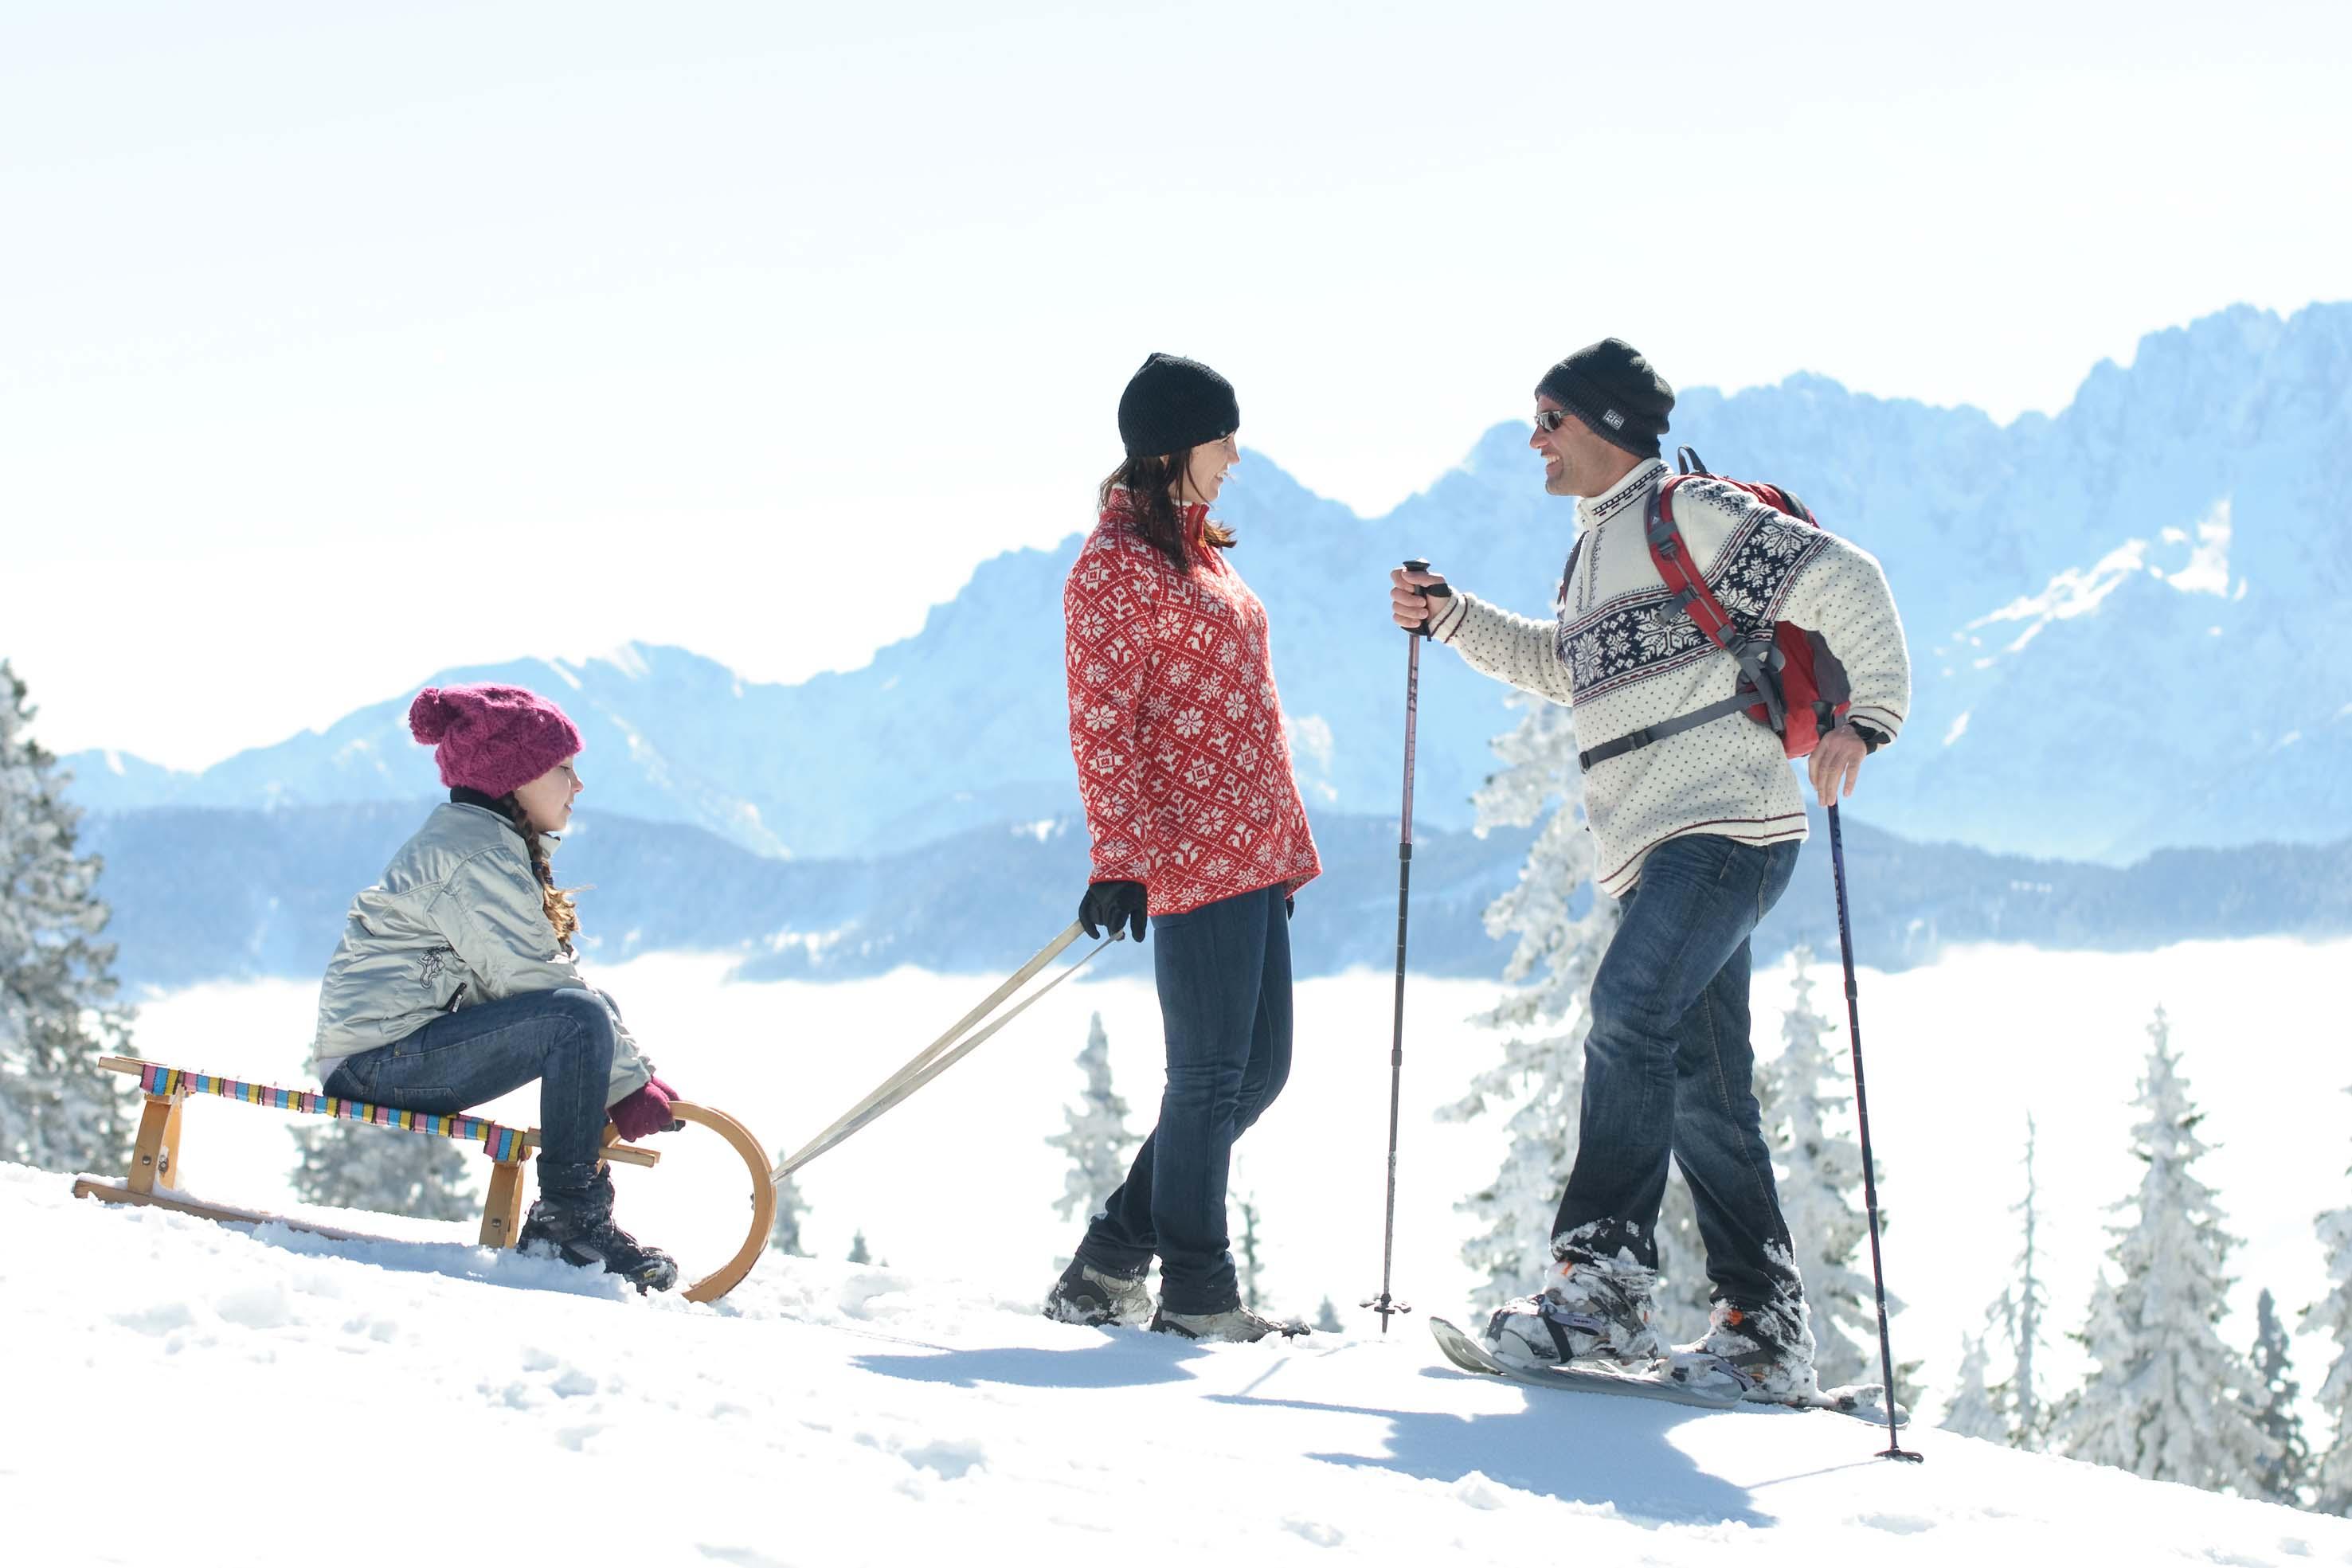 Villach in inverno: sci, ciaspole, terme e campeggio nella neve